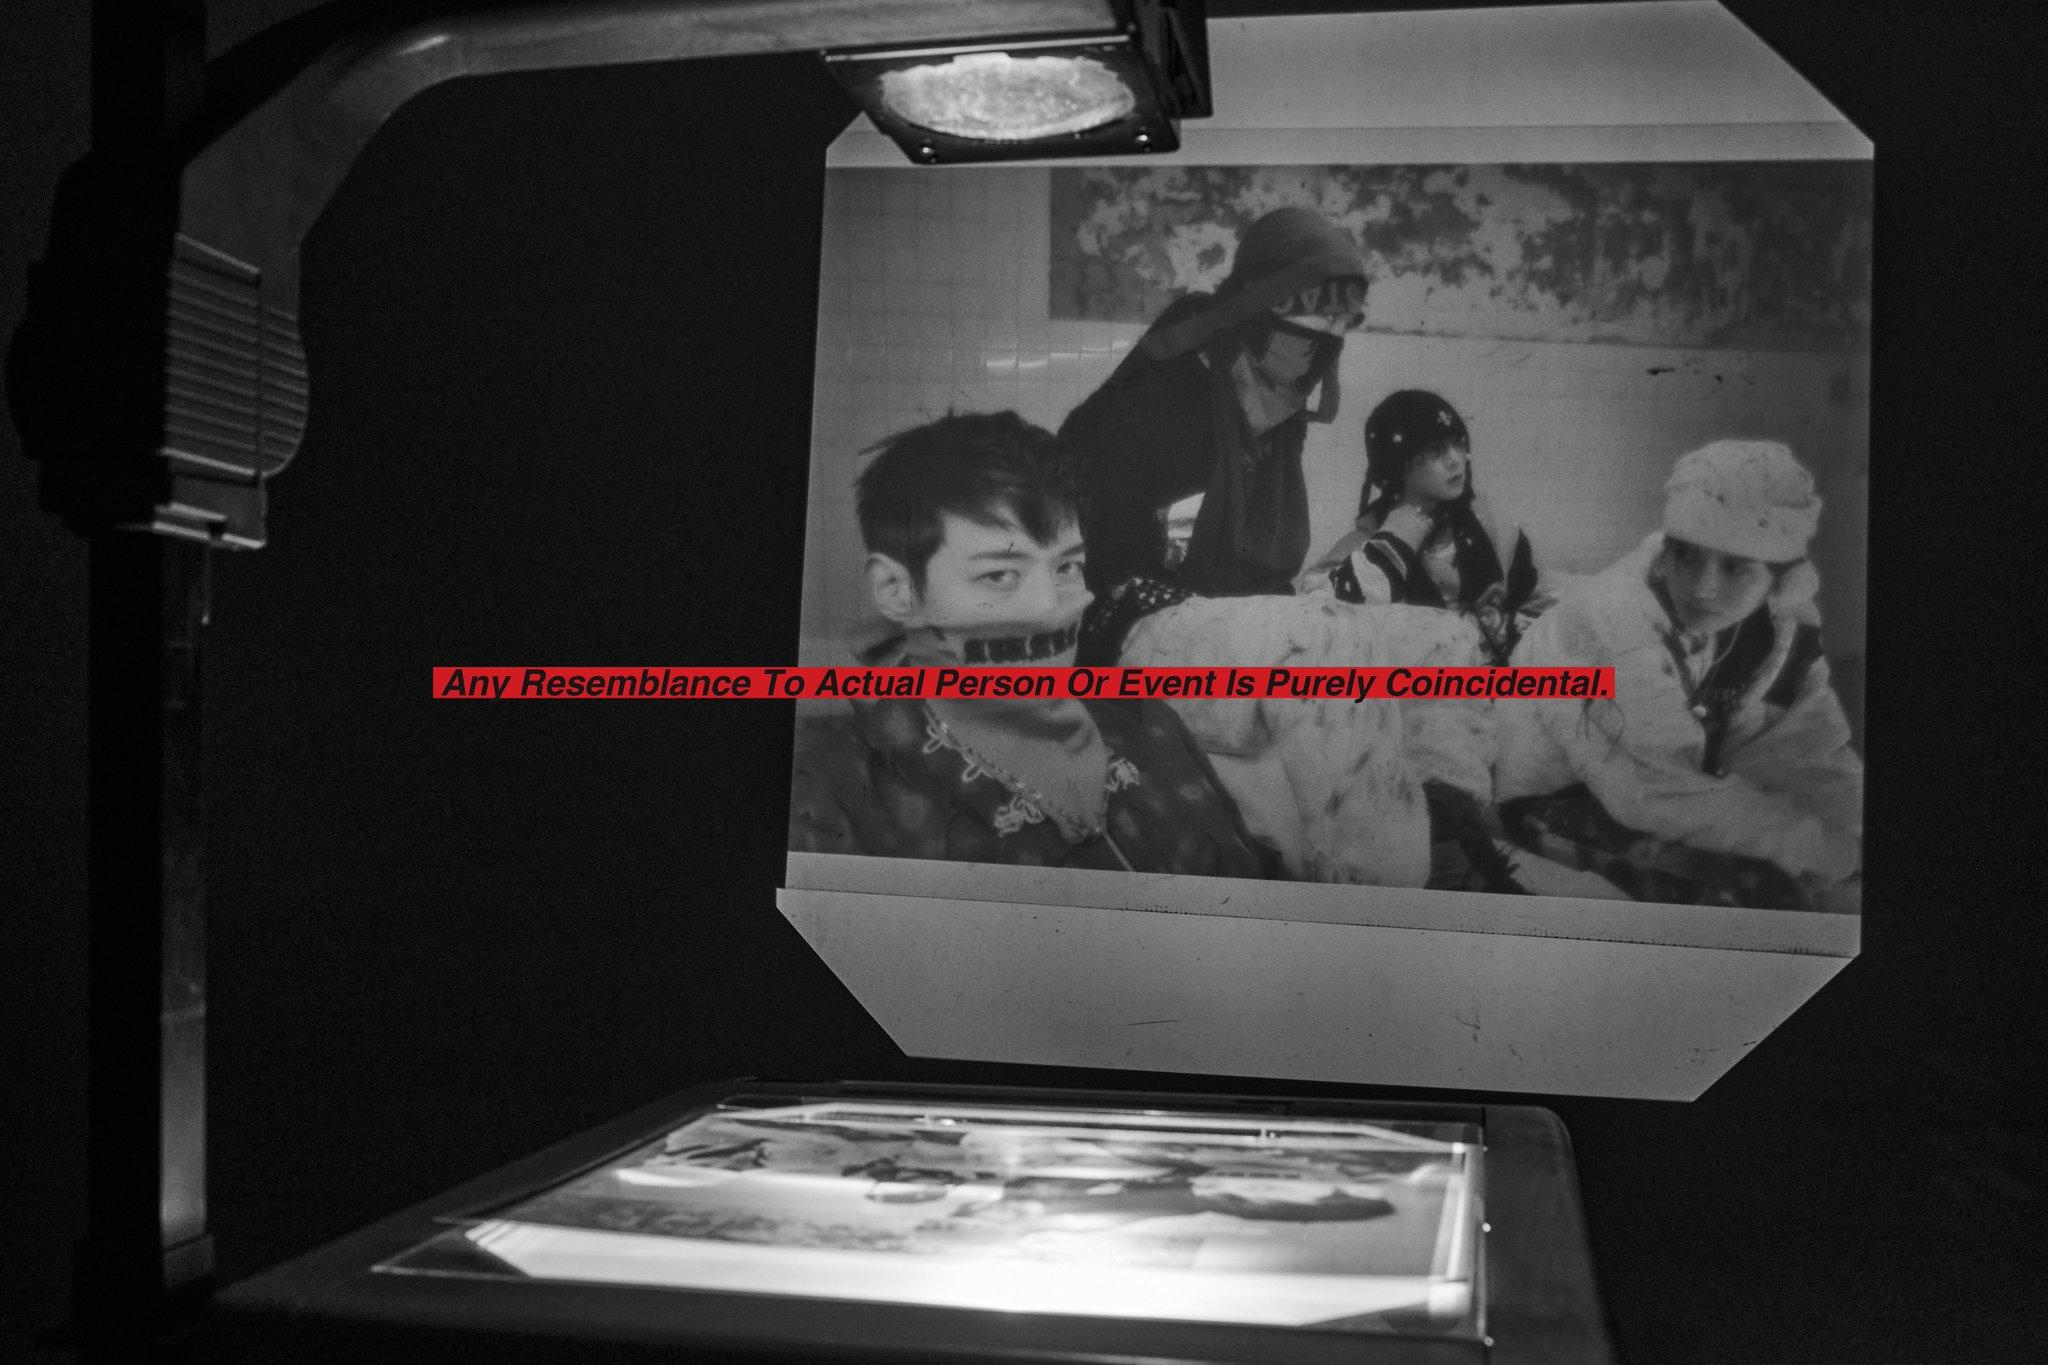 [정보/소식] 샤이니, 정규 7집 'Don't Call Me' 22일 발매..ARS 프로모션 화제 | 인스티즈